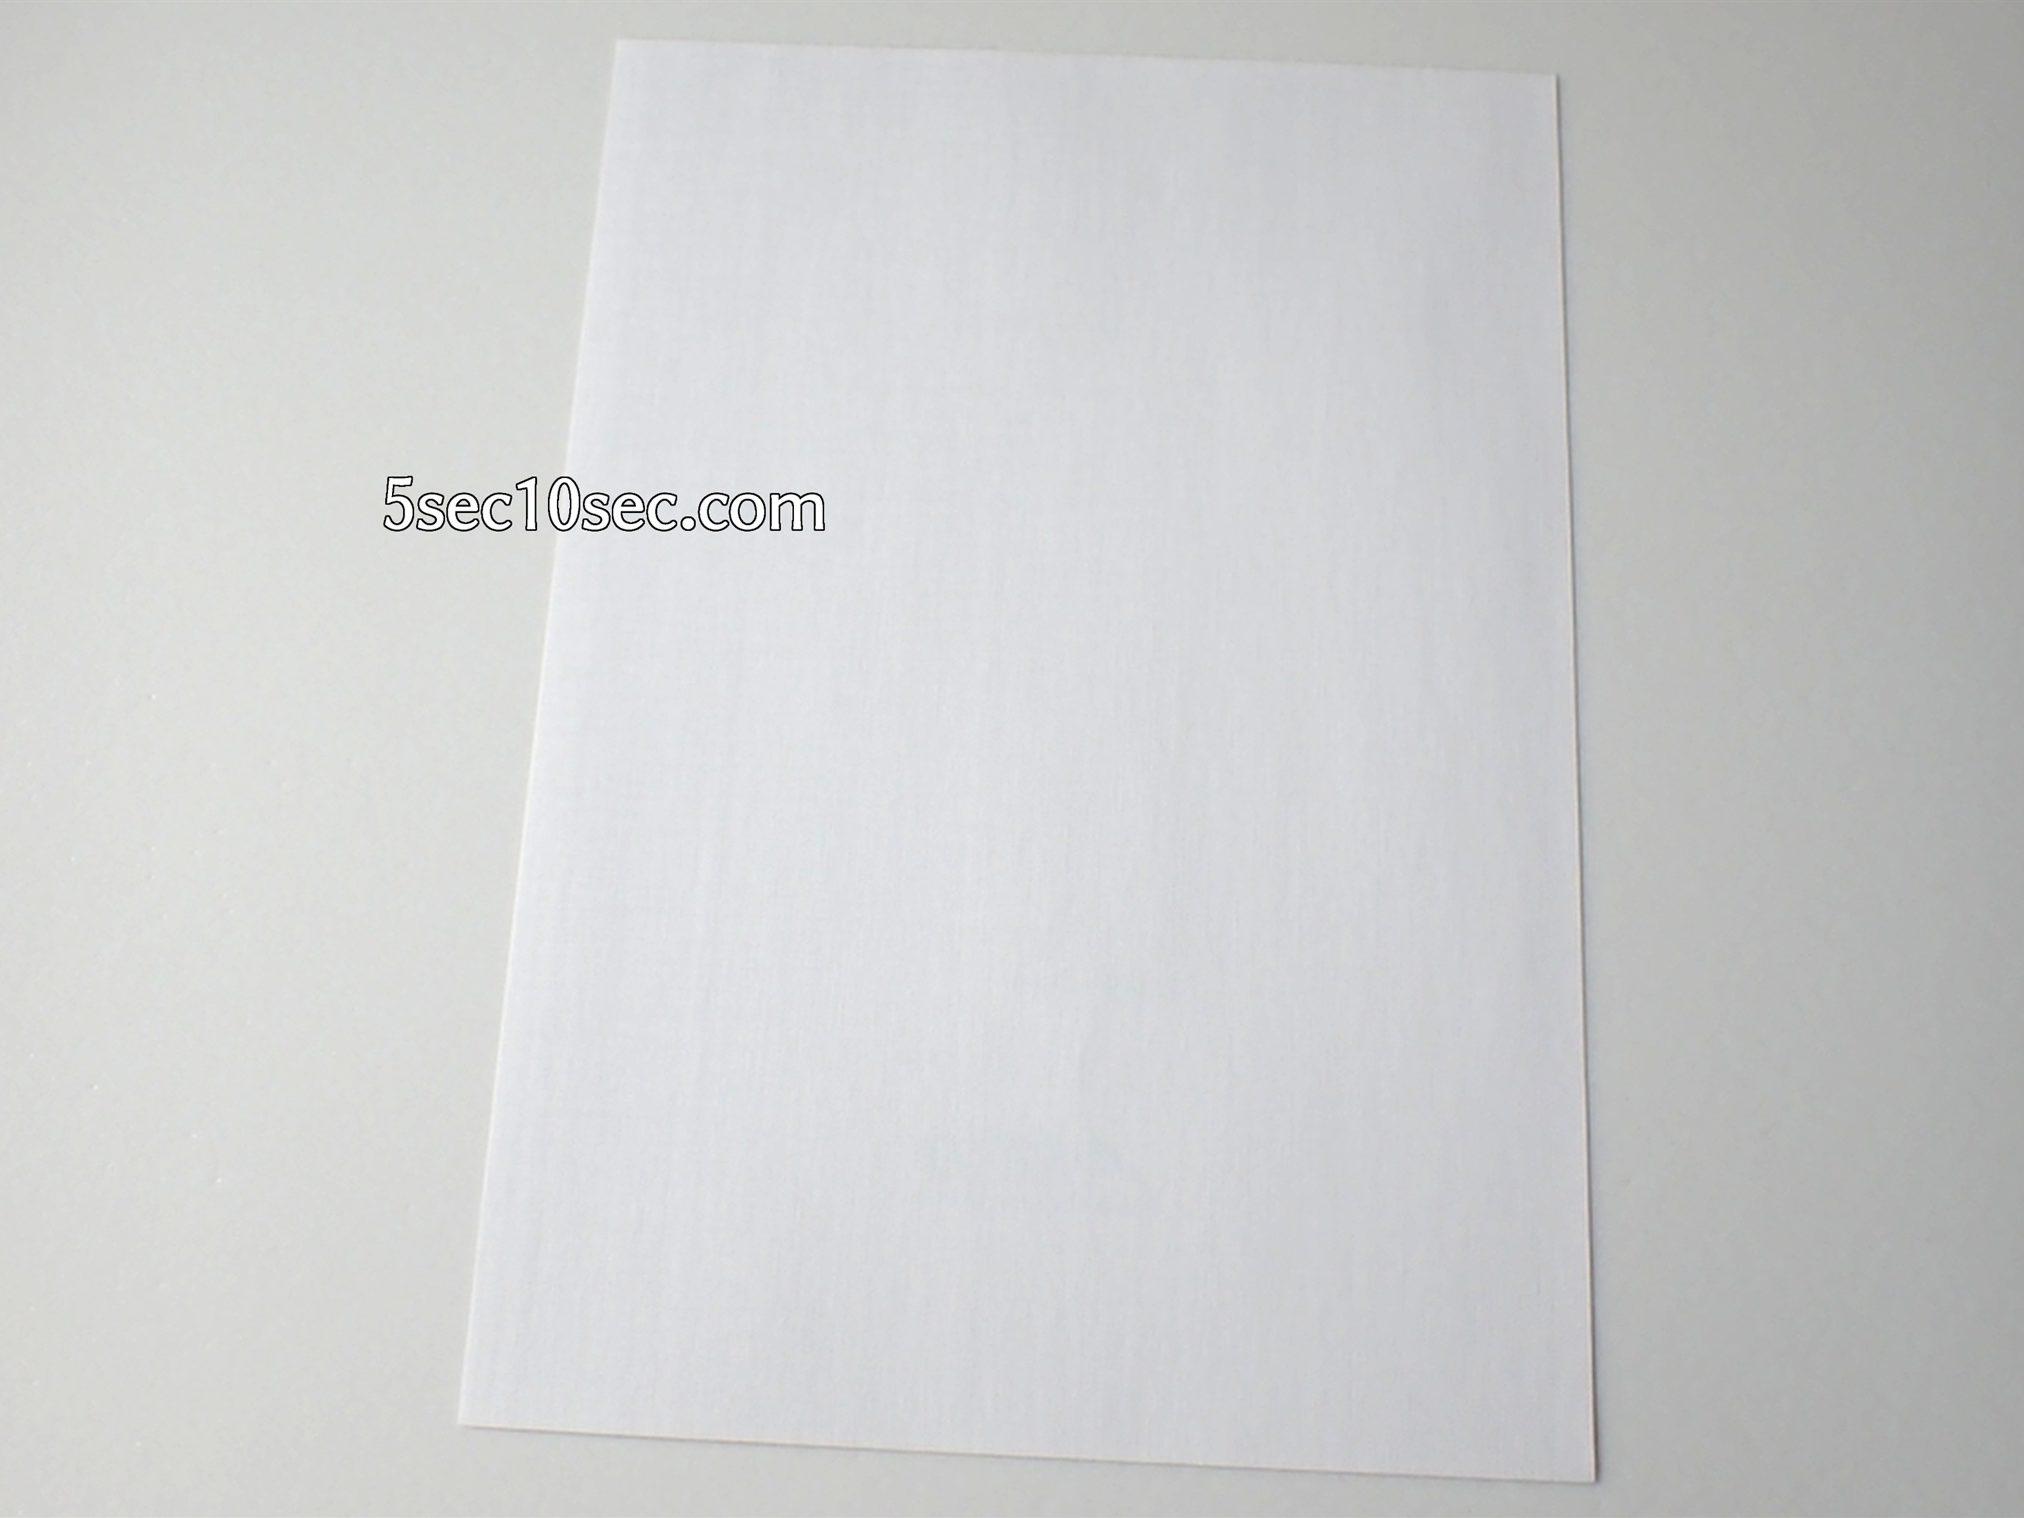 エーワン A-one 布プリ 生地タイプ のりなし A4判 ノーカット 開封写真、布に台紙がついています、布の素材は綿100%です